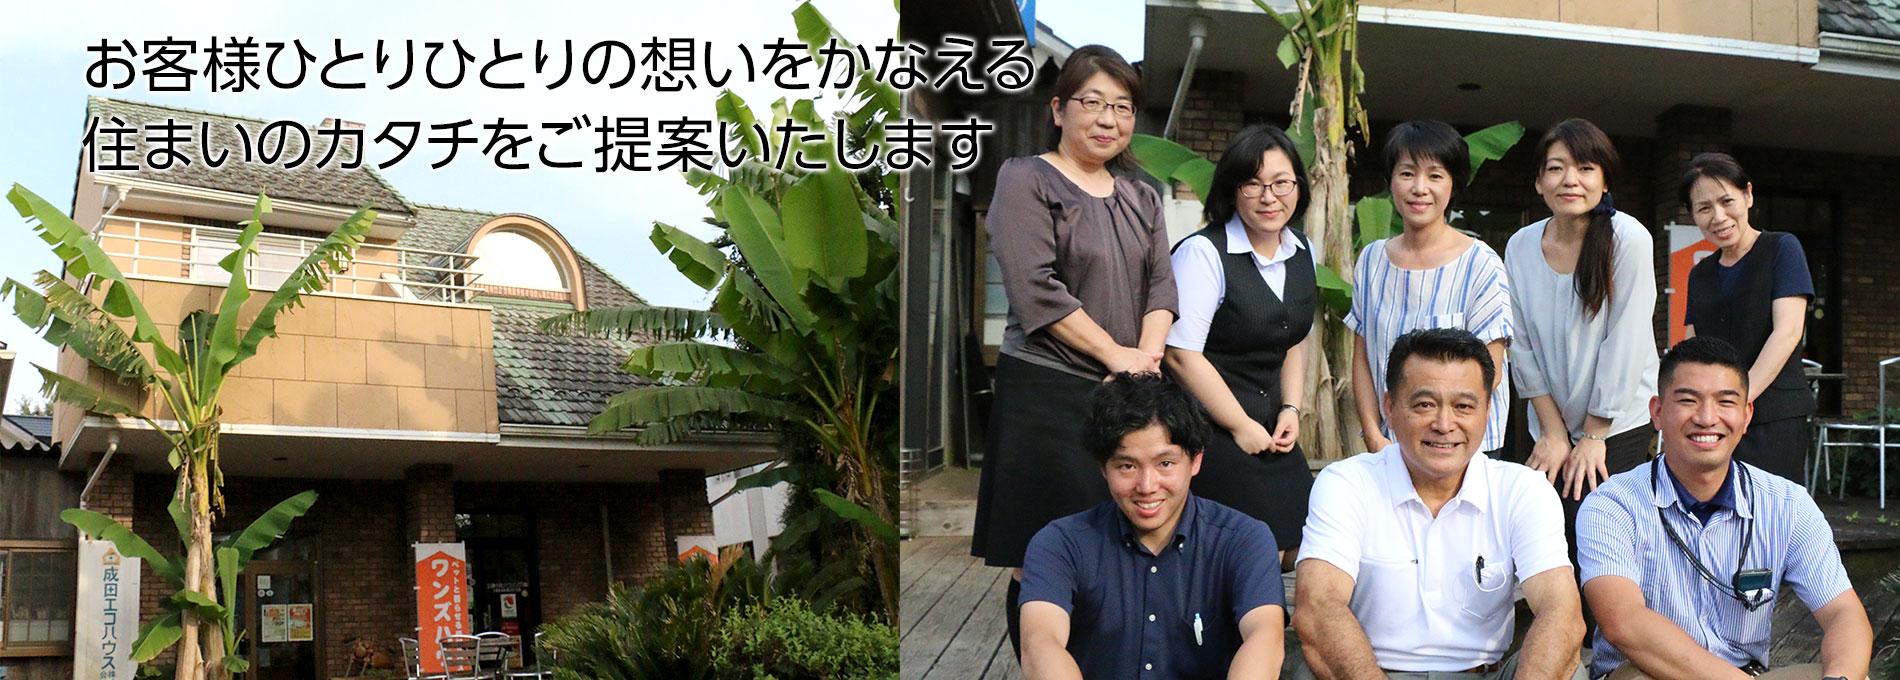 成田エコハウス